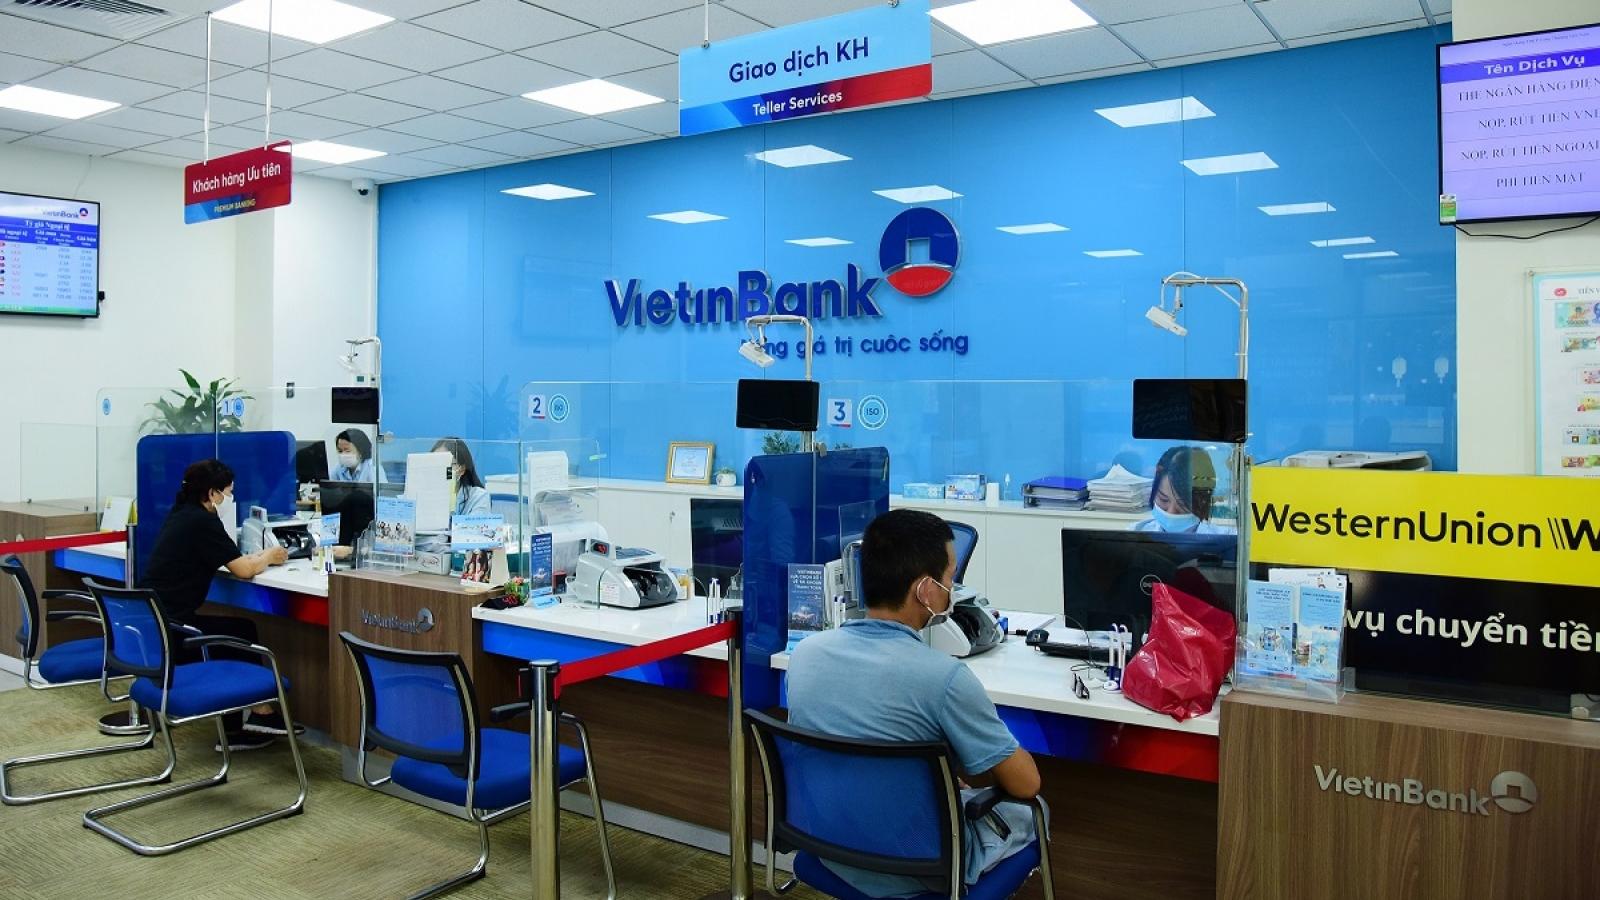 Hoạt động kinh doanh của VietinBank đạt kết quả đáng ghi nhận